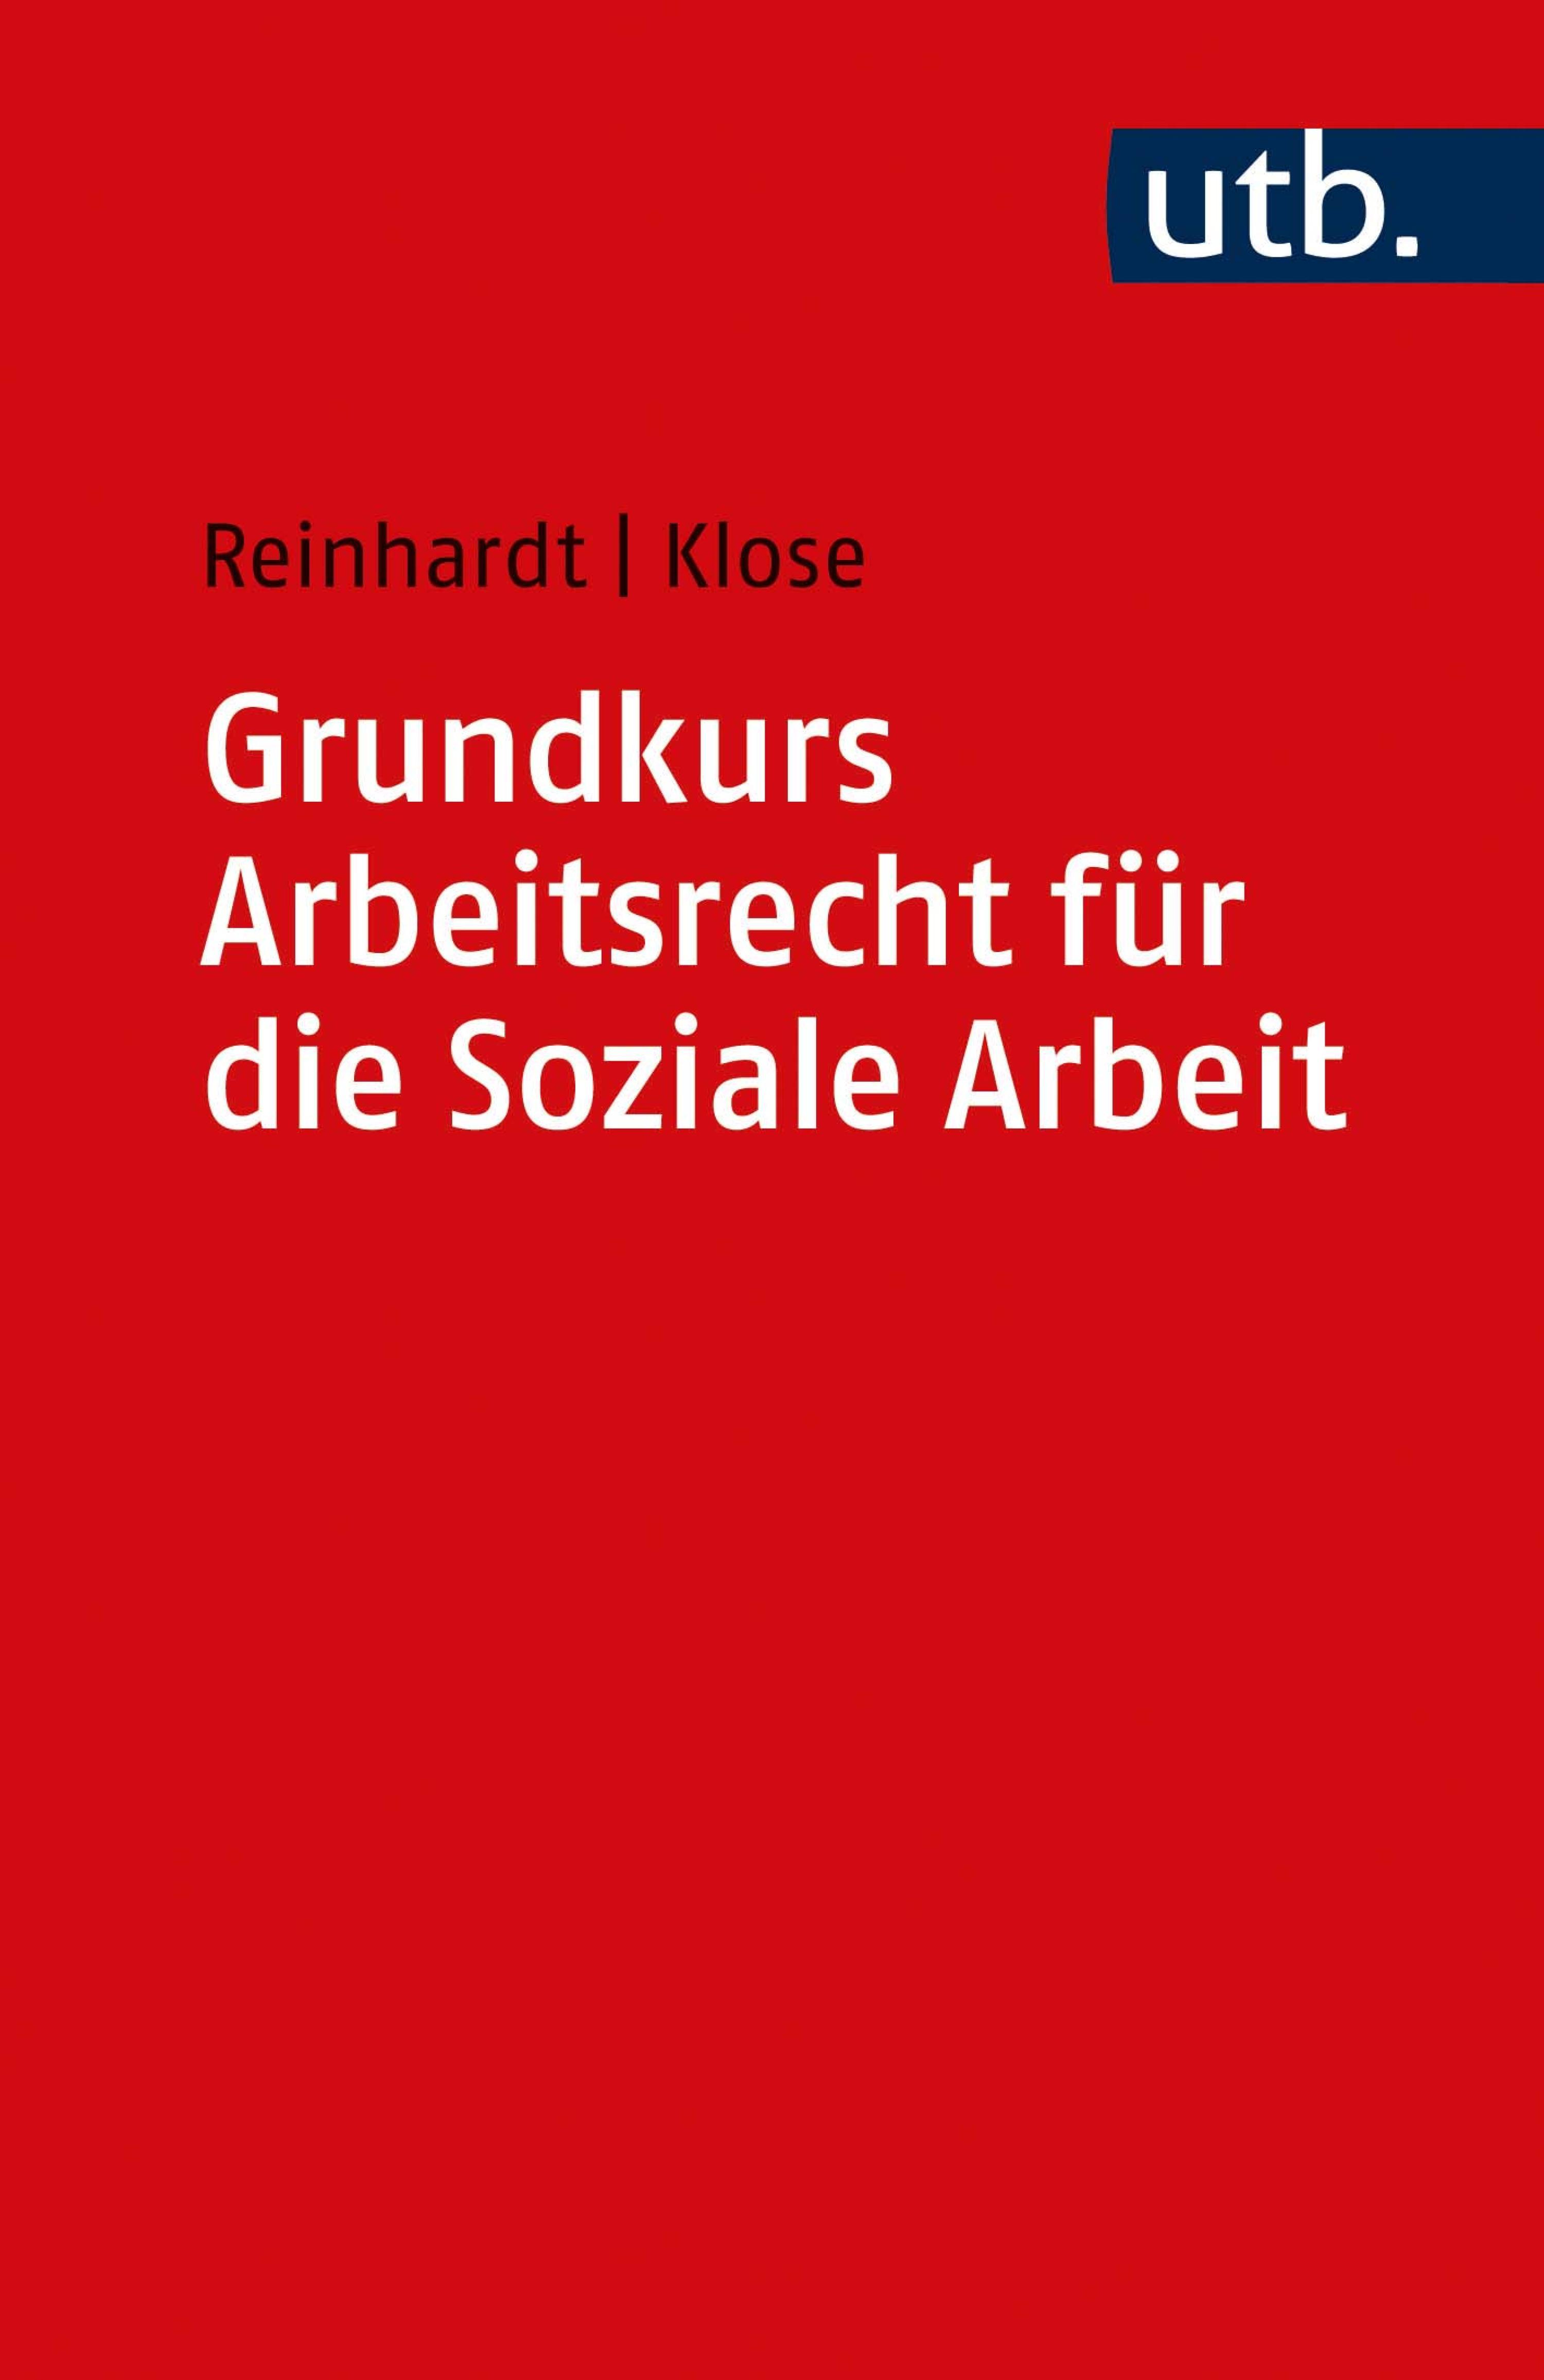 Grundkurs Arbeitsrecht für die Soziale Arbeit